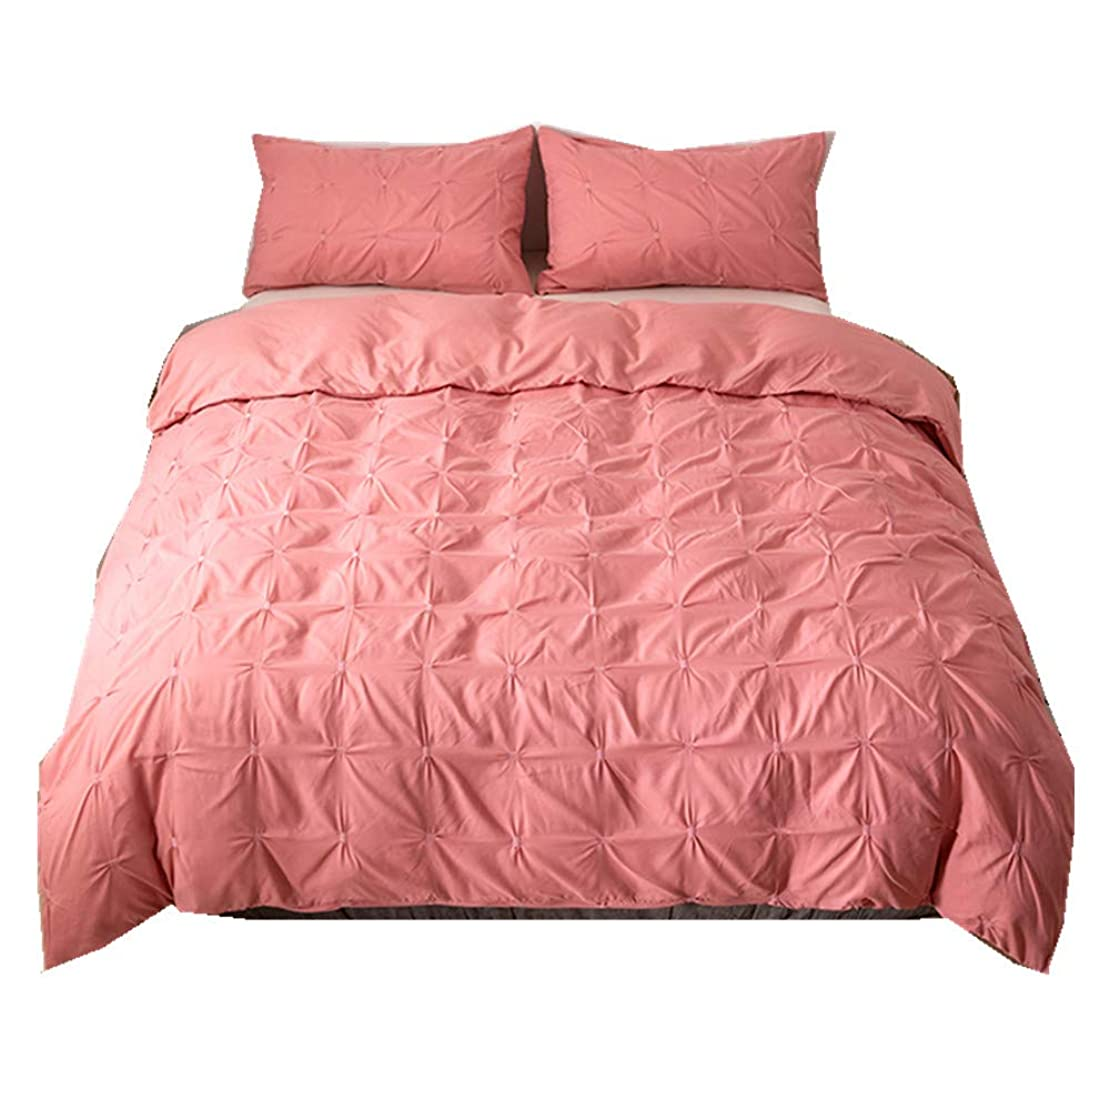 要旨意図敷居北欧 無地 純色 ギャザー設計 寝具カバーセット 掛け布団カバー 枕カバー 洗い替え 2点セット ピンク シングル